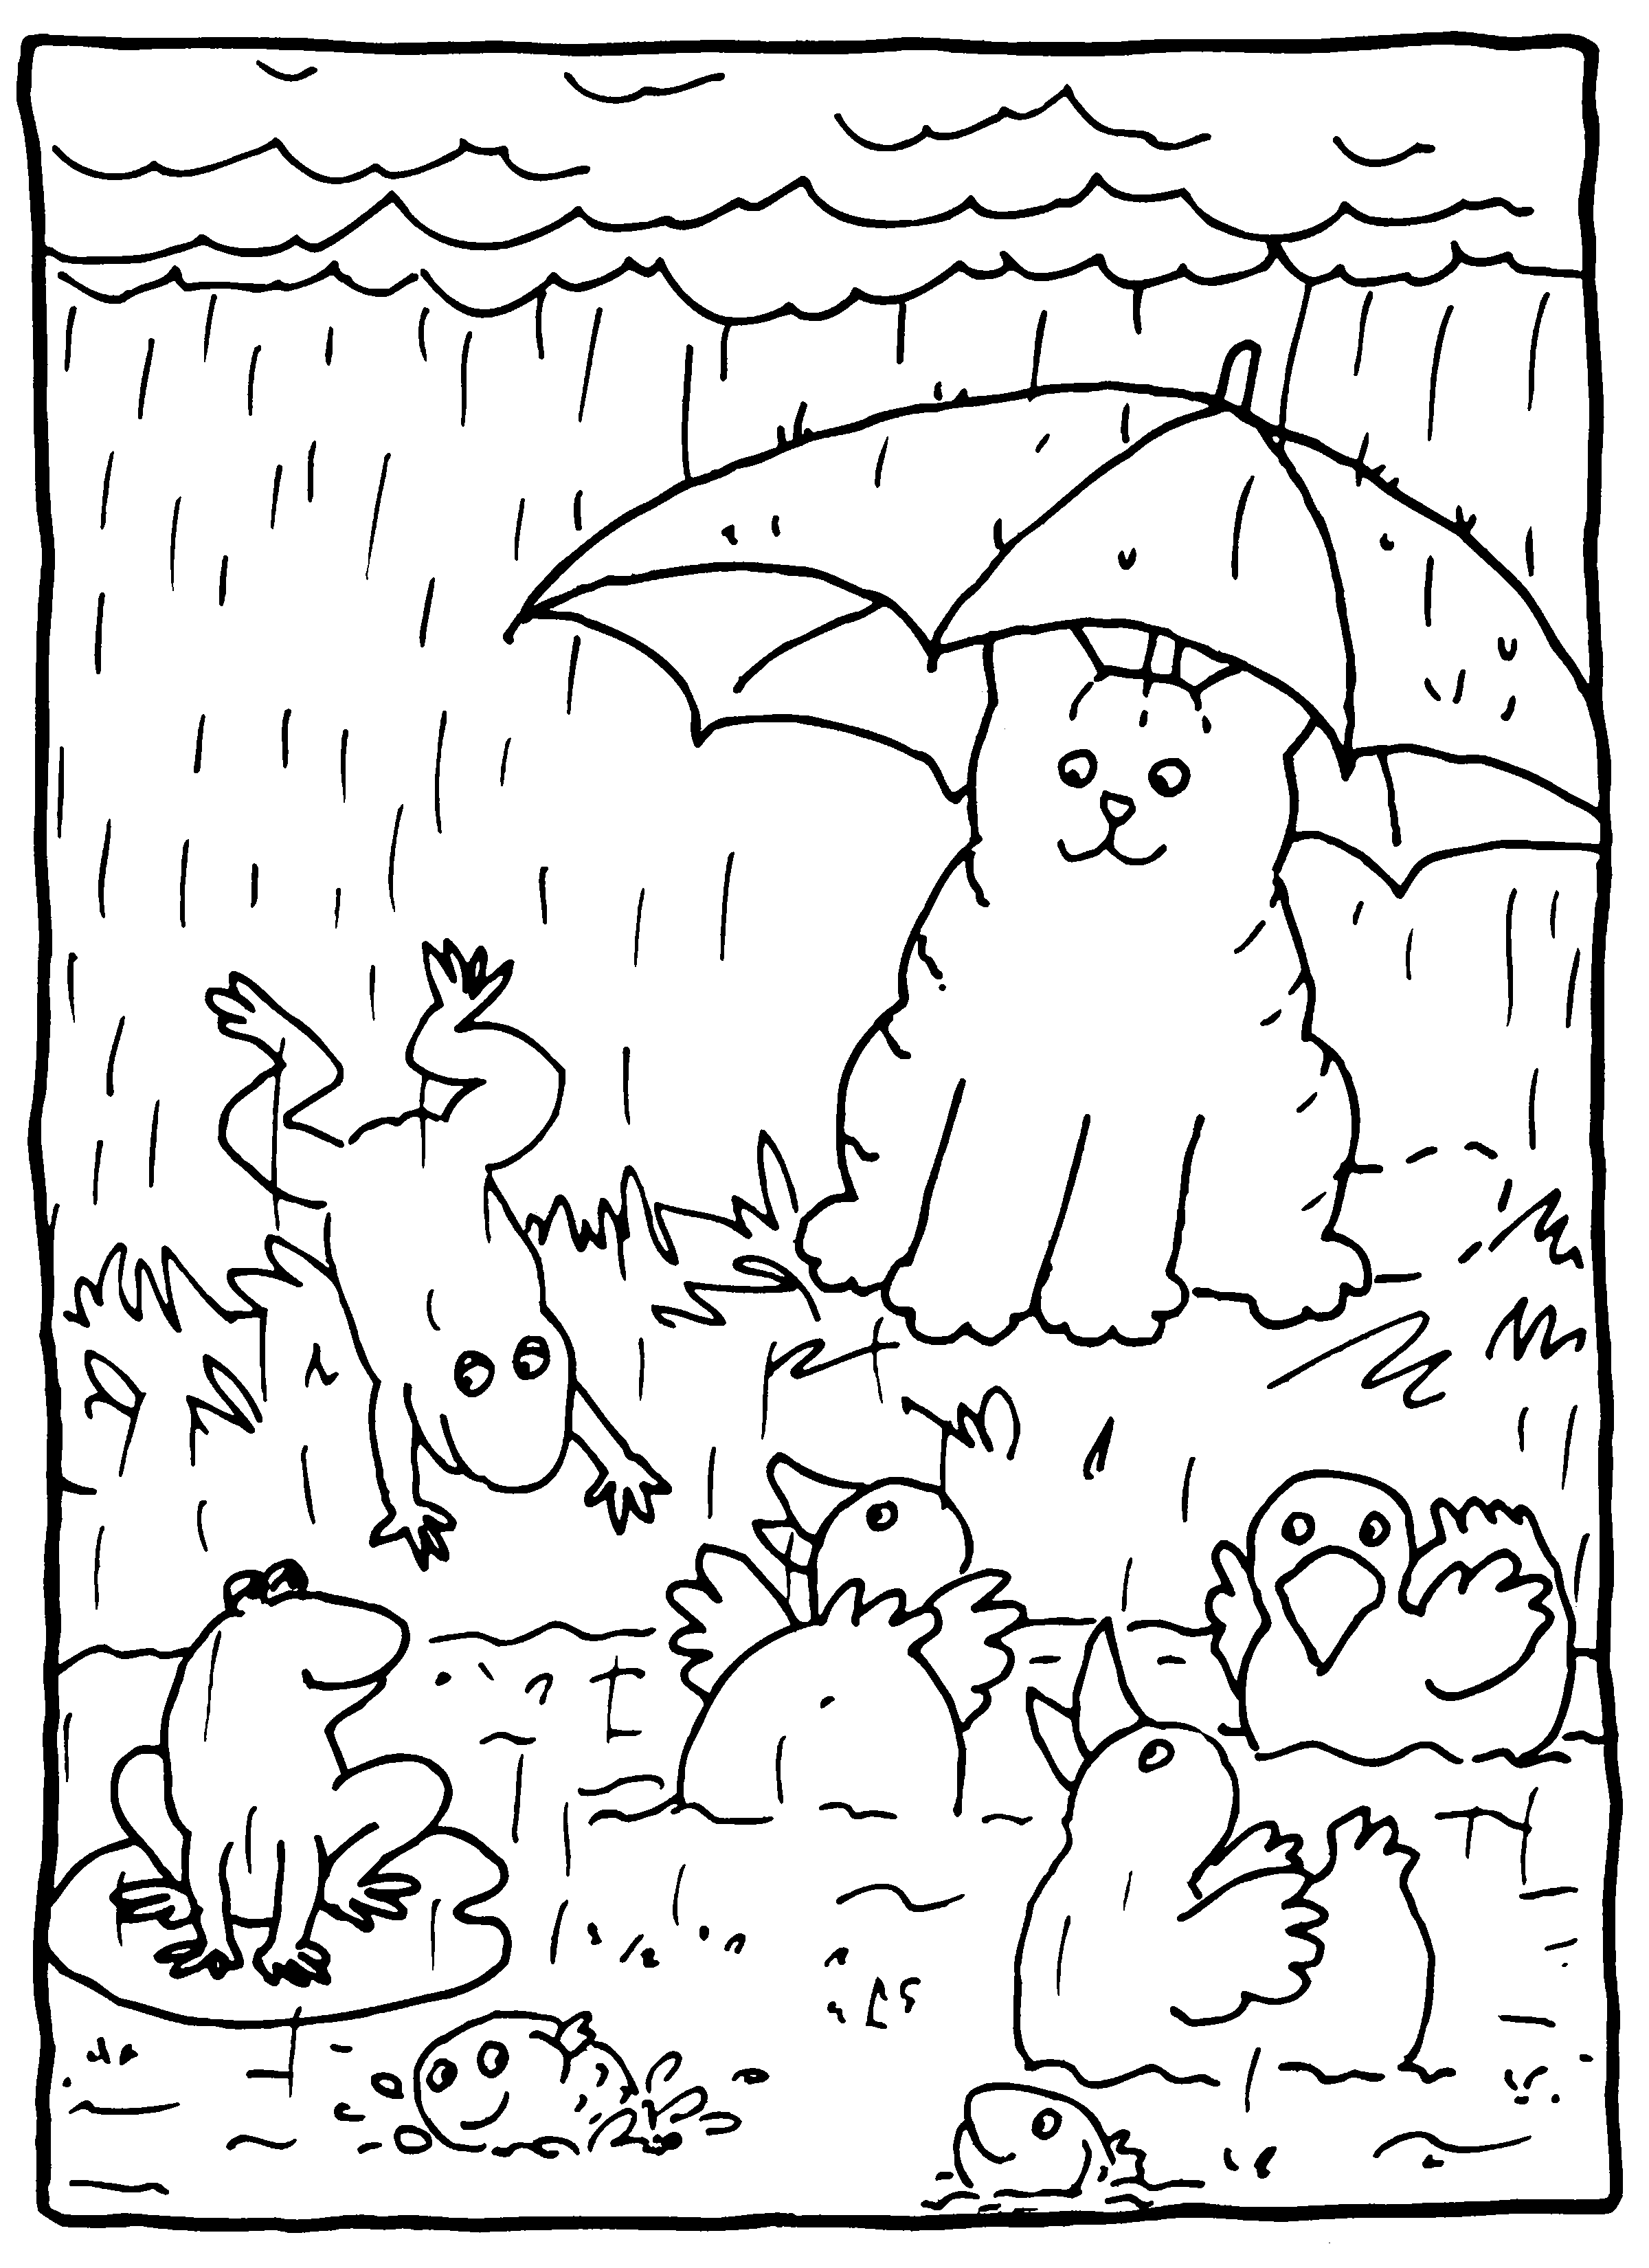 dikkie dik in de regen kleurplaten